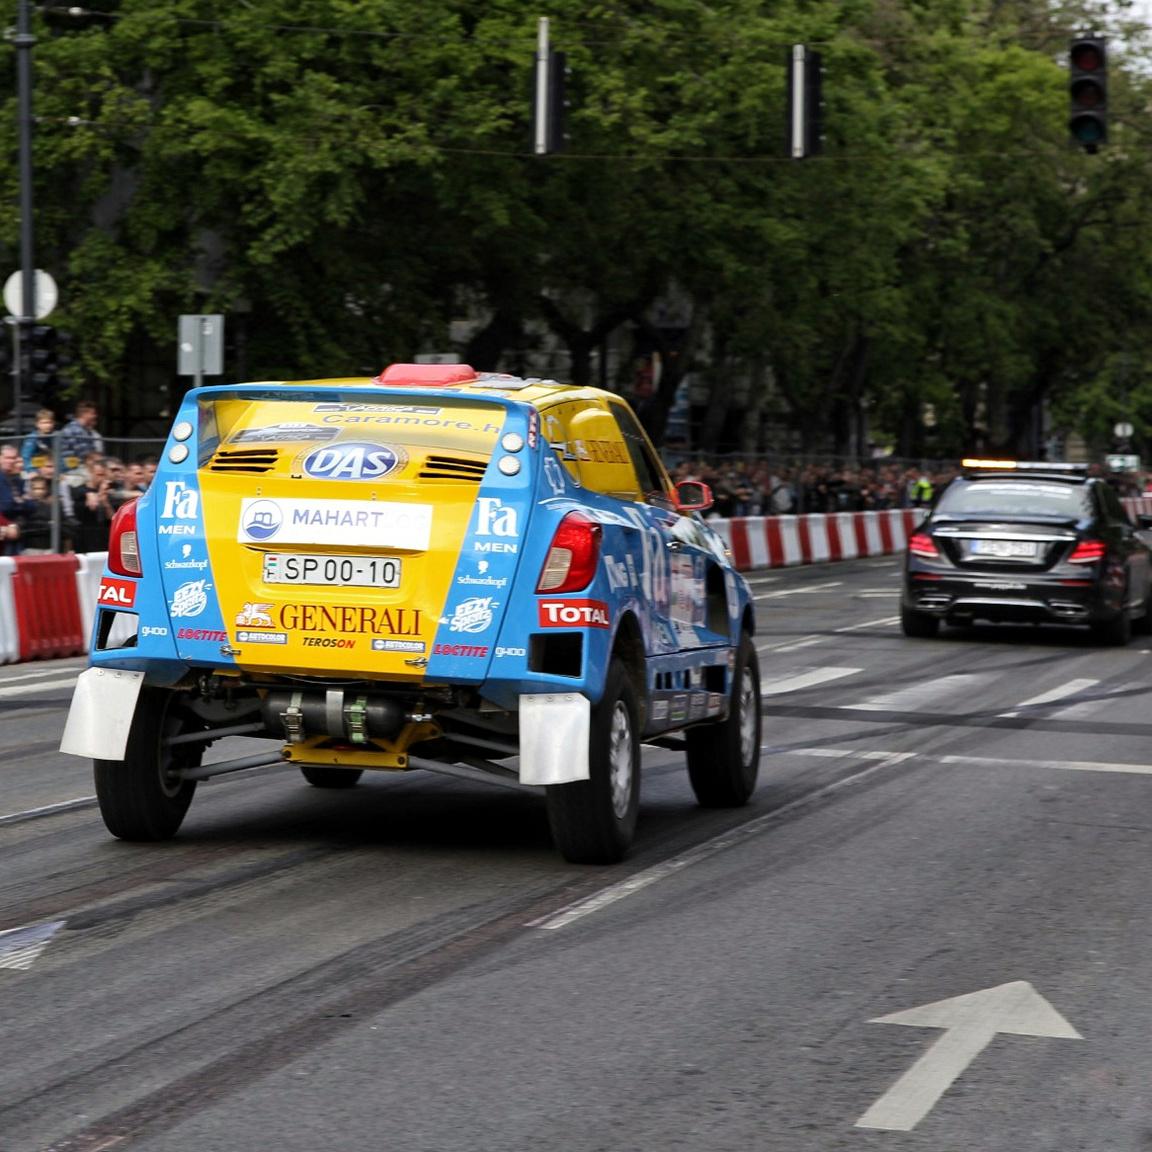 Szalay Balázs röfögteti a dakaros Opel Mokkát az Andrássy úton